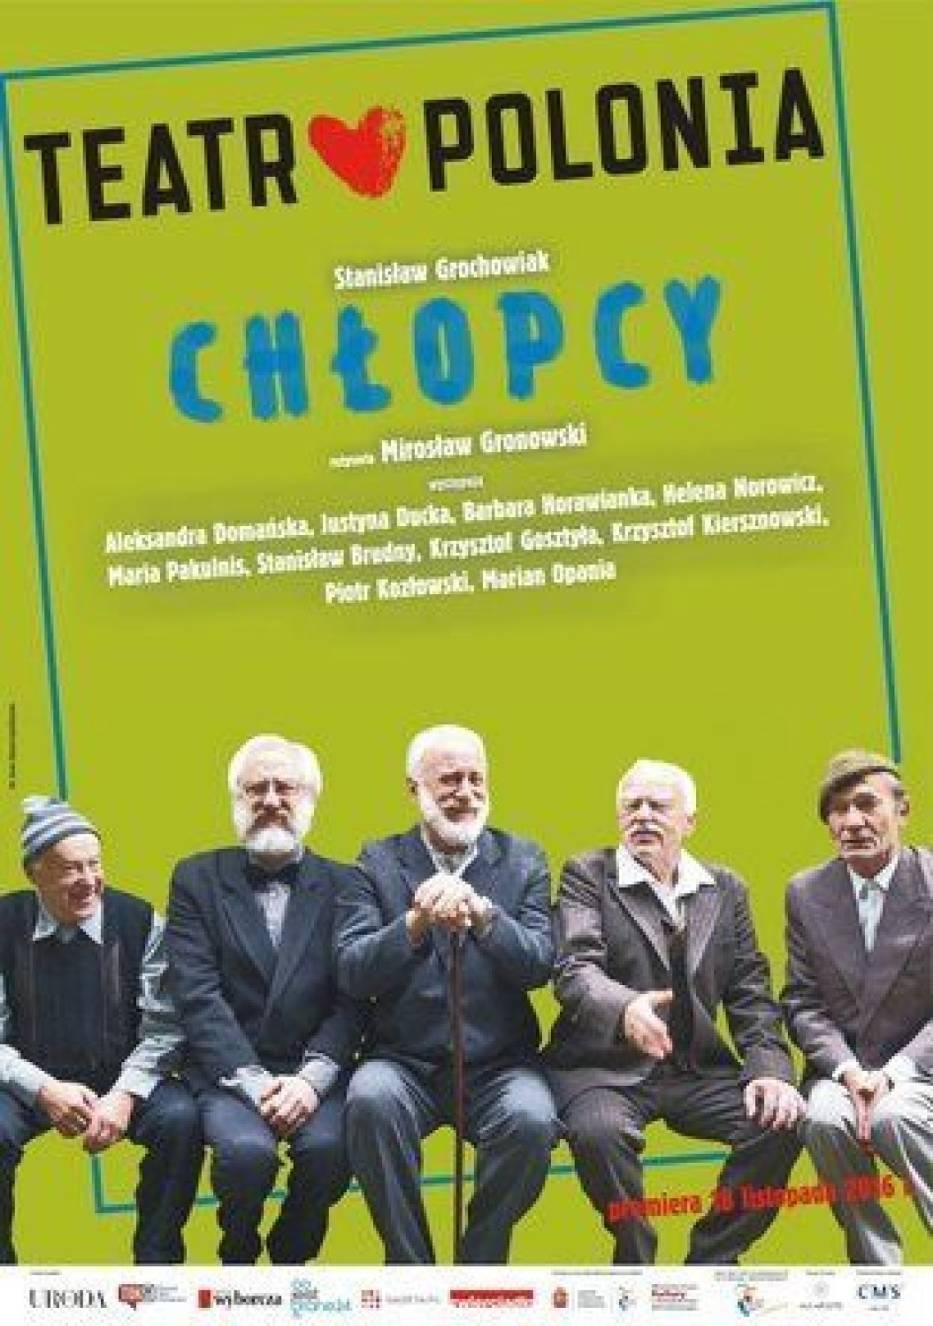 Plakat do sztuki 'Chłopcy' w Teatrze Polonia w Warszawie